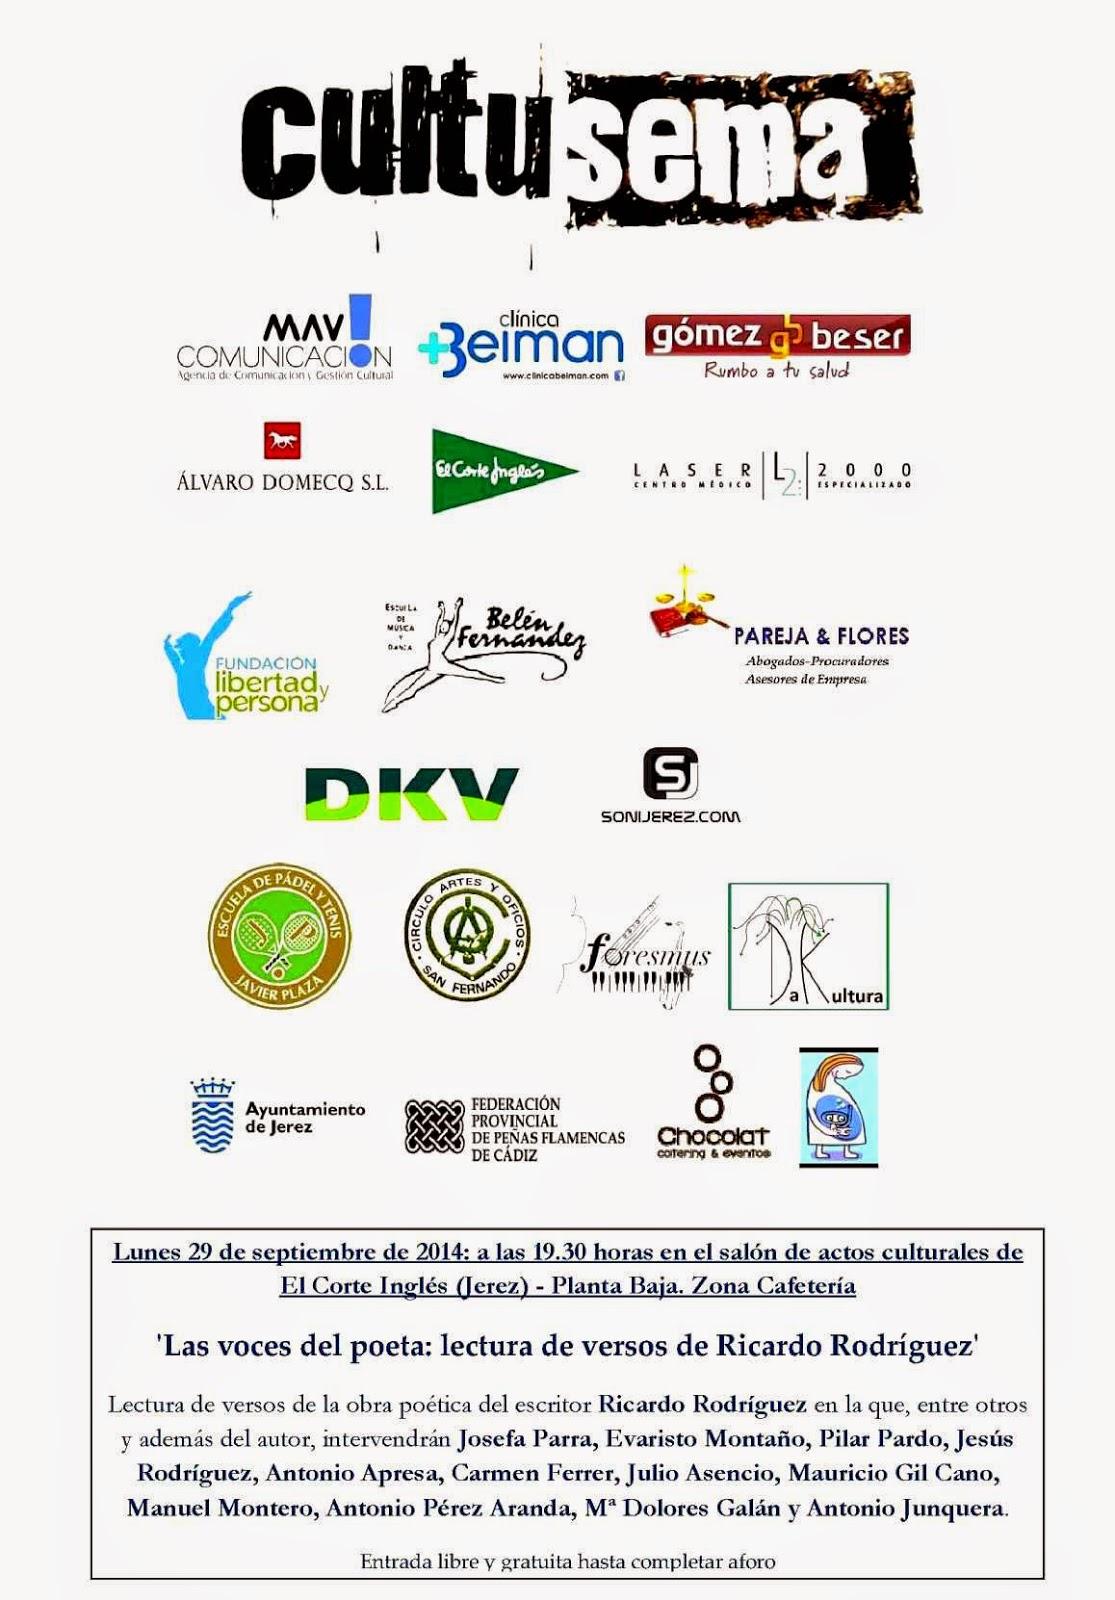 MAV COMUNICACION - Marco A. Velo: septiembre 2014